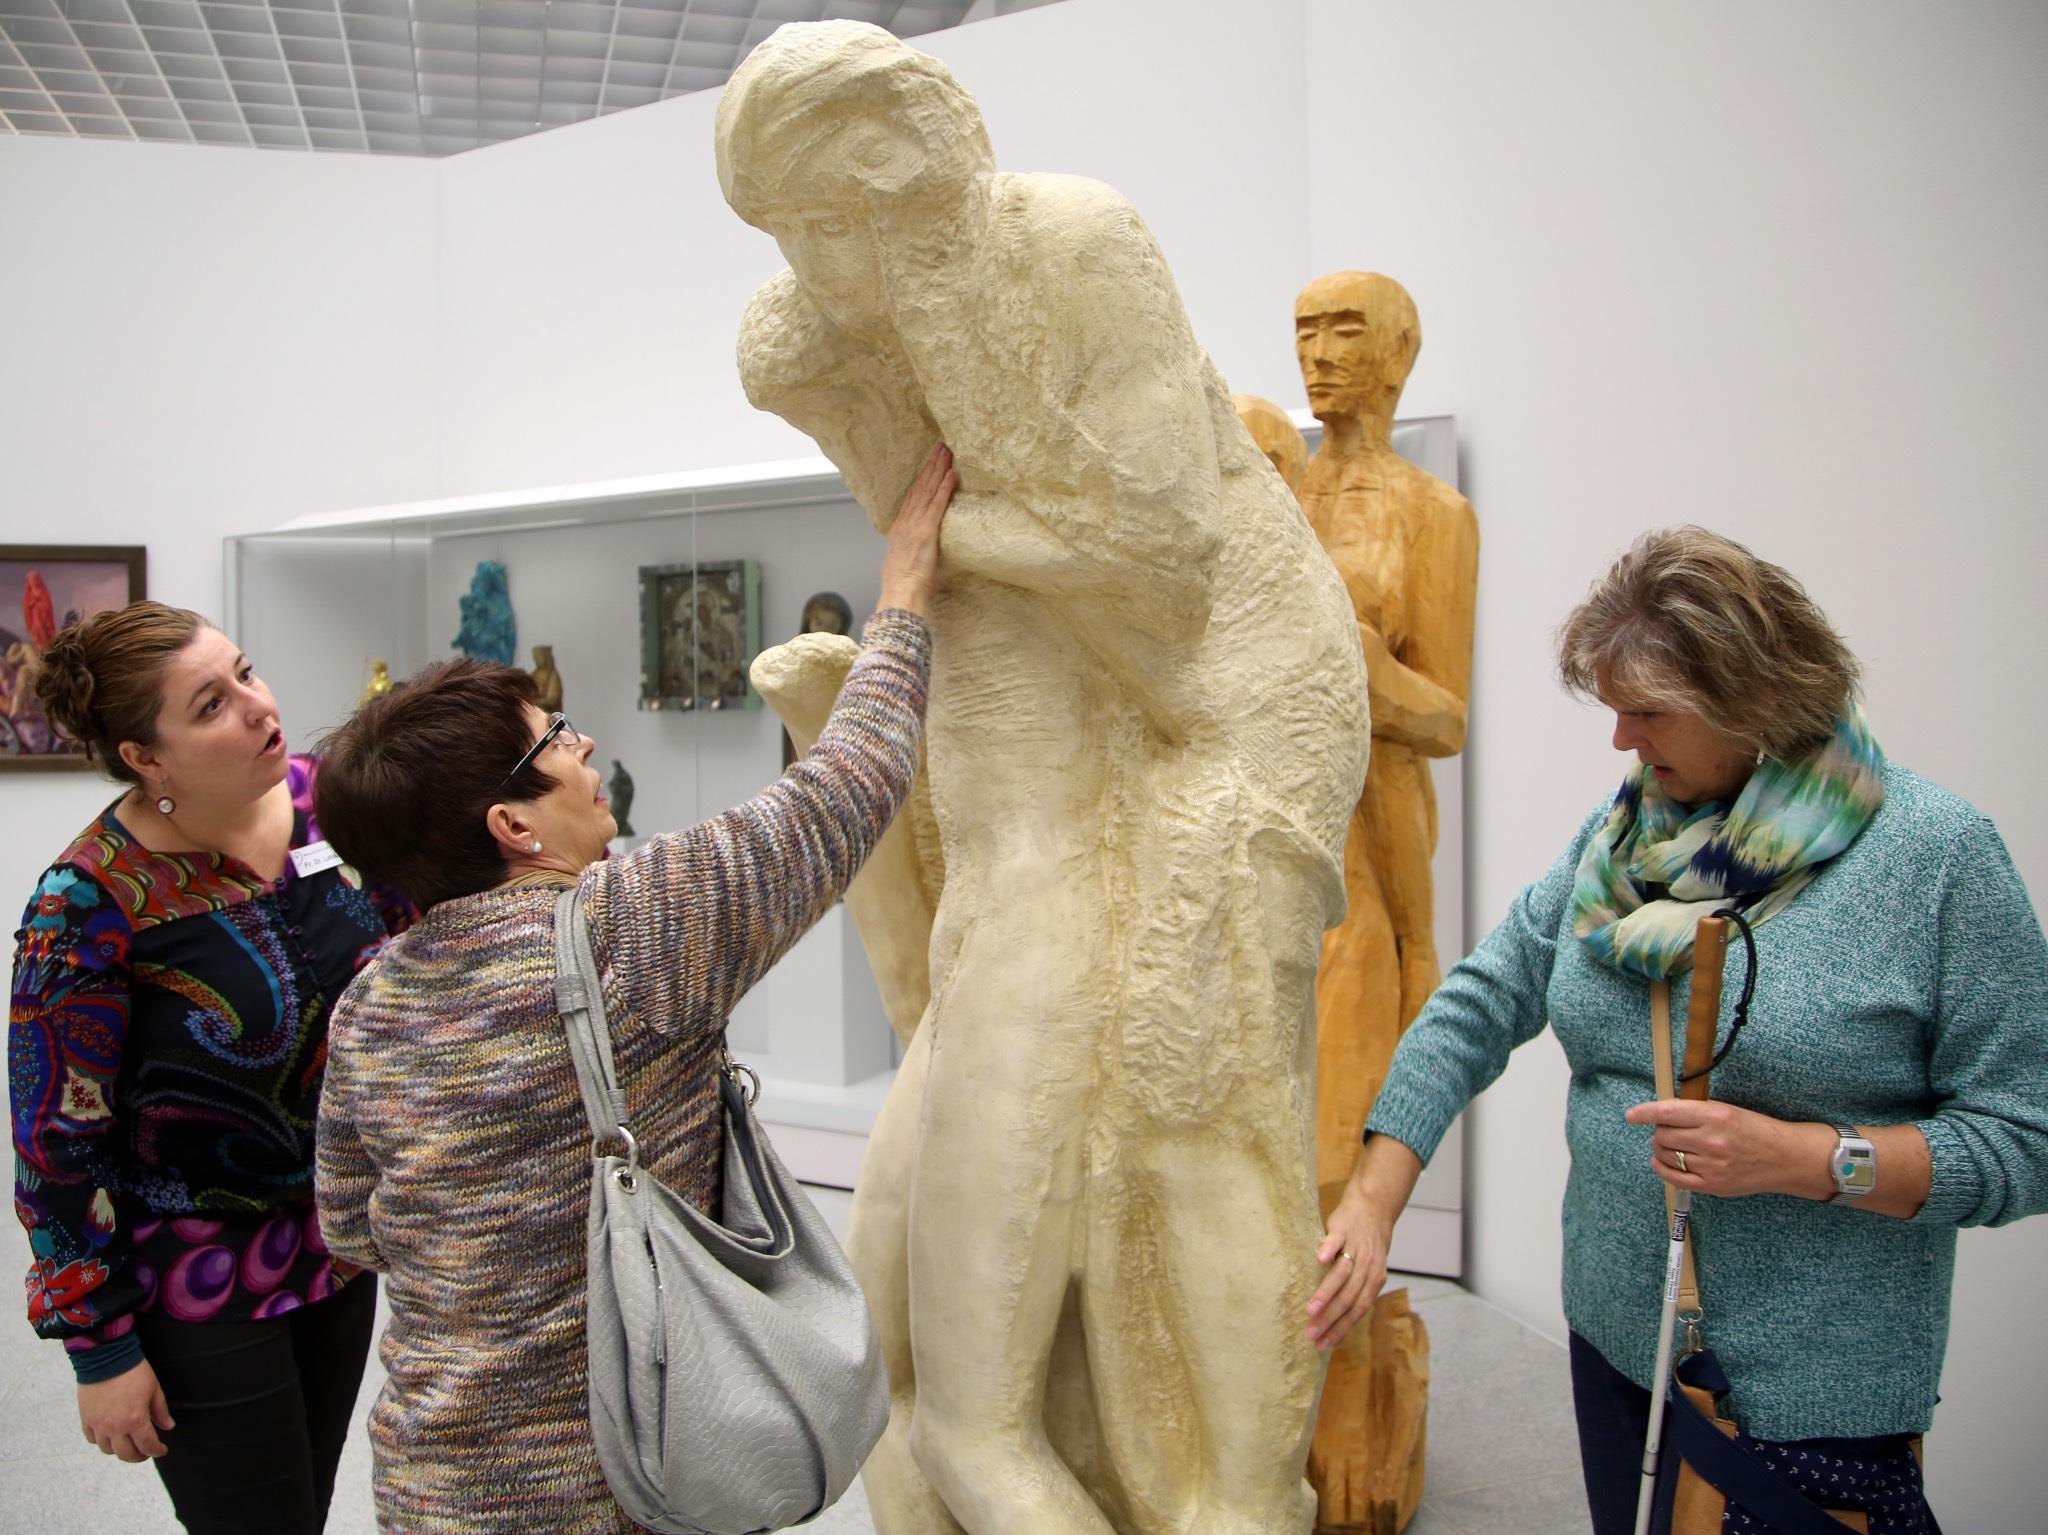 Dr. Yvonne Lemke (von links) erkundet mit Dolores Hartmann-Krstic und Helga Frey den Gipsabguss der Pietà Rondanini von Michelangelo im Würzburger Museum am Dom. Foto:Rebecca Hornung